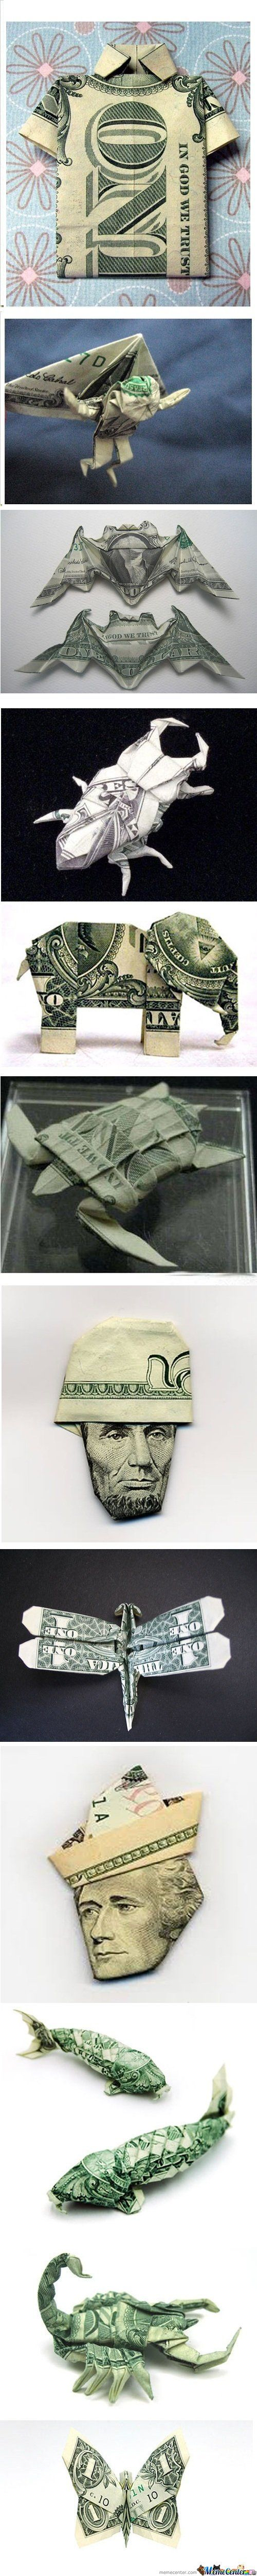 Folded Money Art